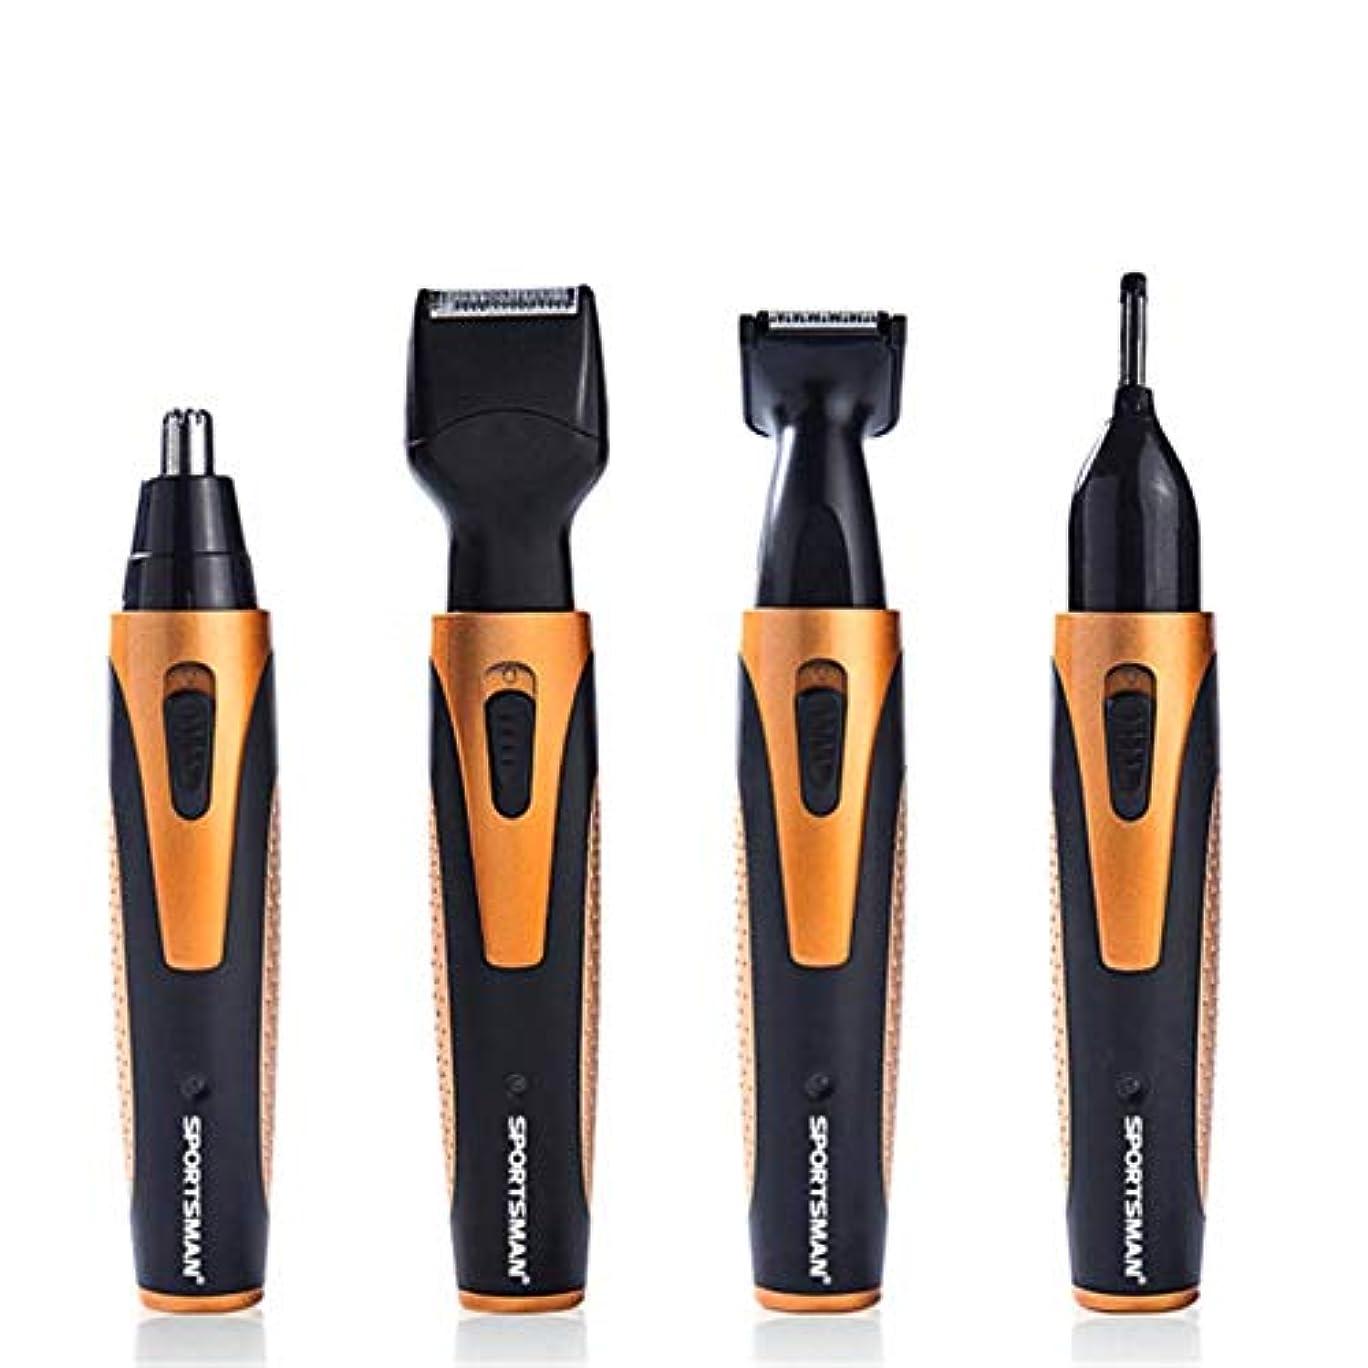 シャッター重くする致命的な電気かみそり、男性電気かみそりロータリーひげトリマー鼻毛トリマーフェイスクリーニングブラシ防水ウェットとドライUSB充電式4 in 1シェービングマシンaa